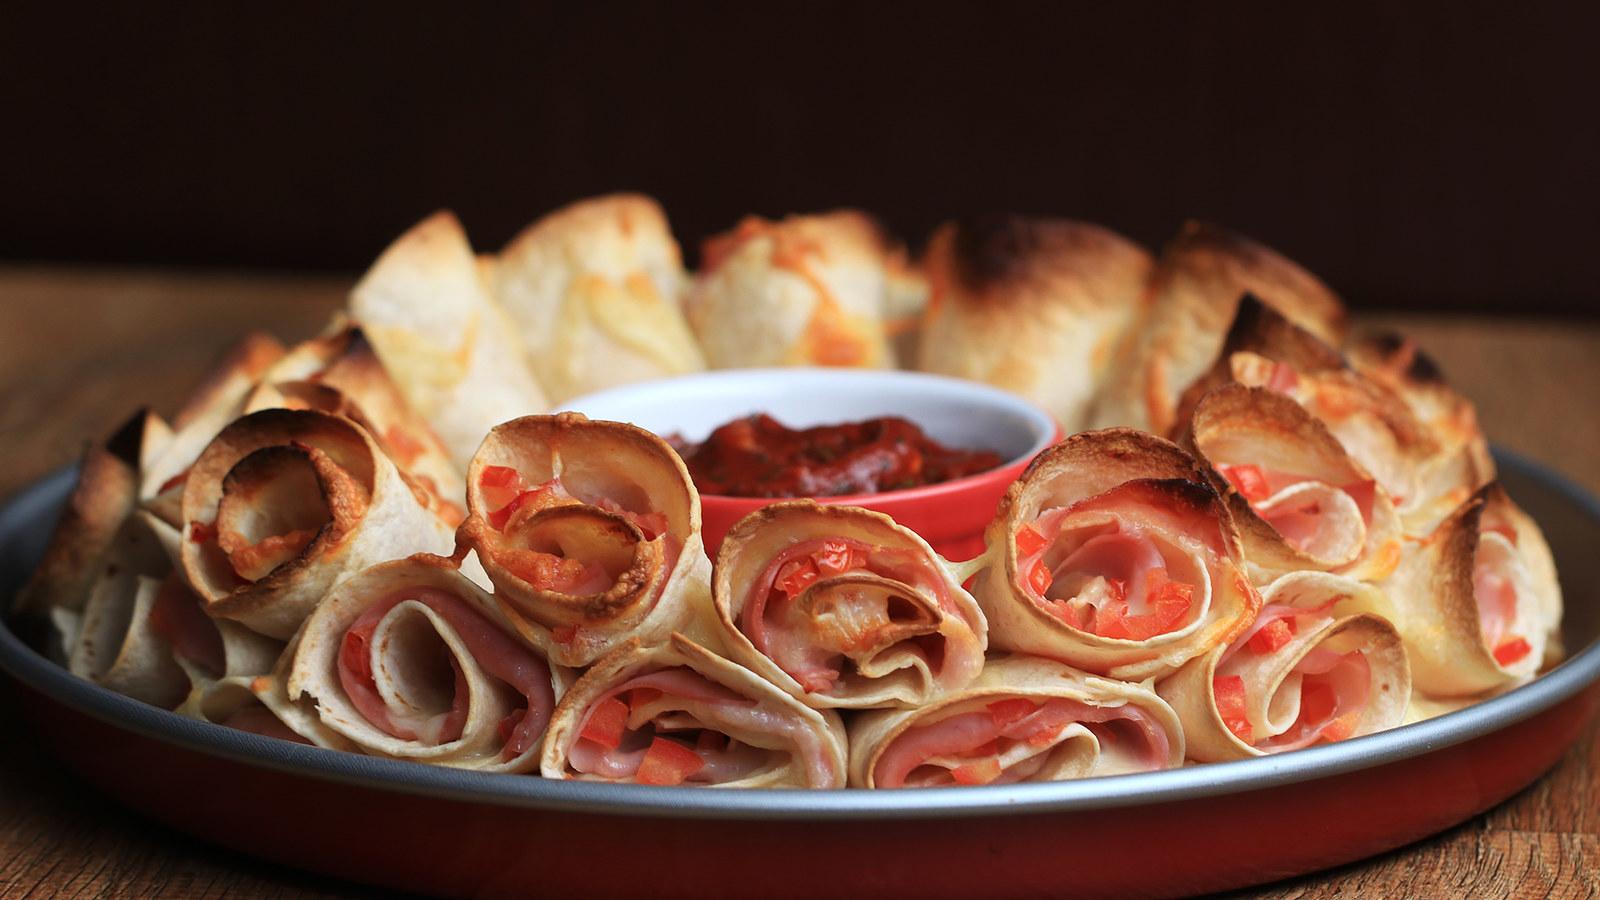 A travessa de pizza cone é um petisco muito fácil de delicioso